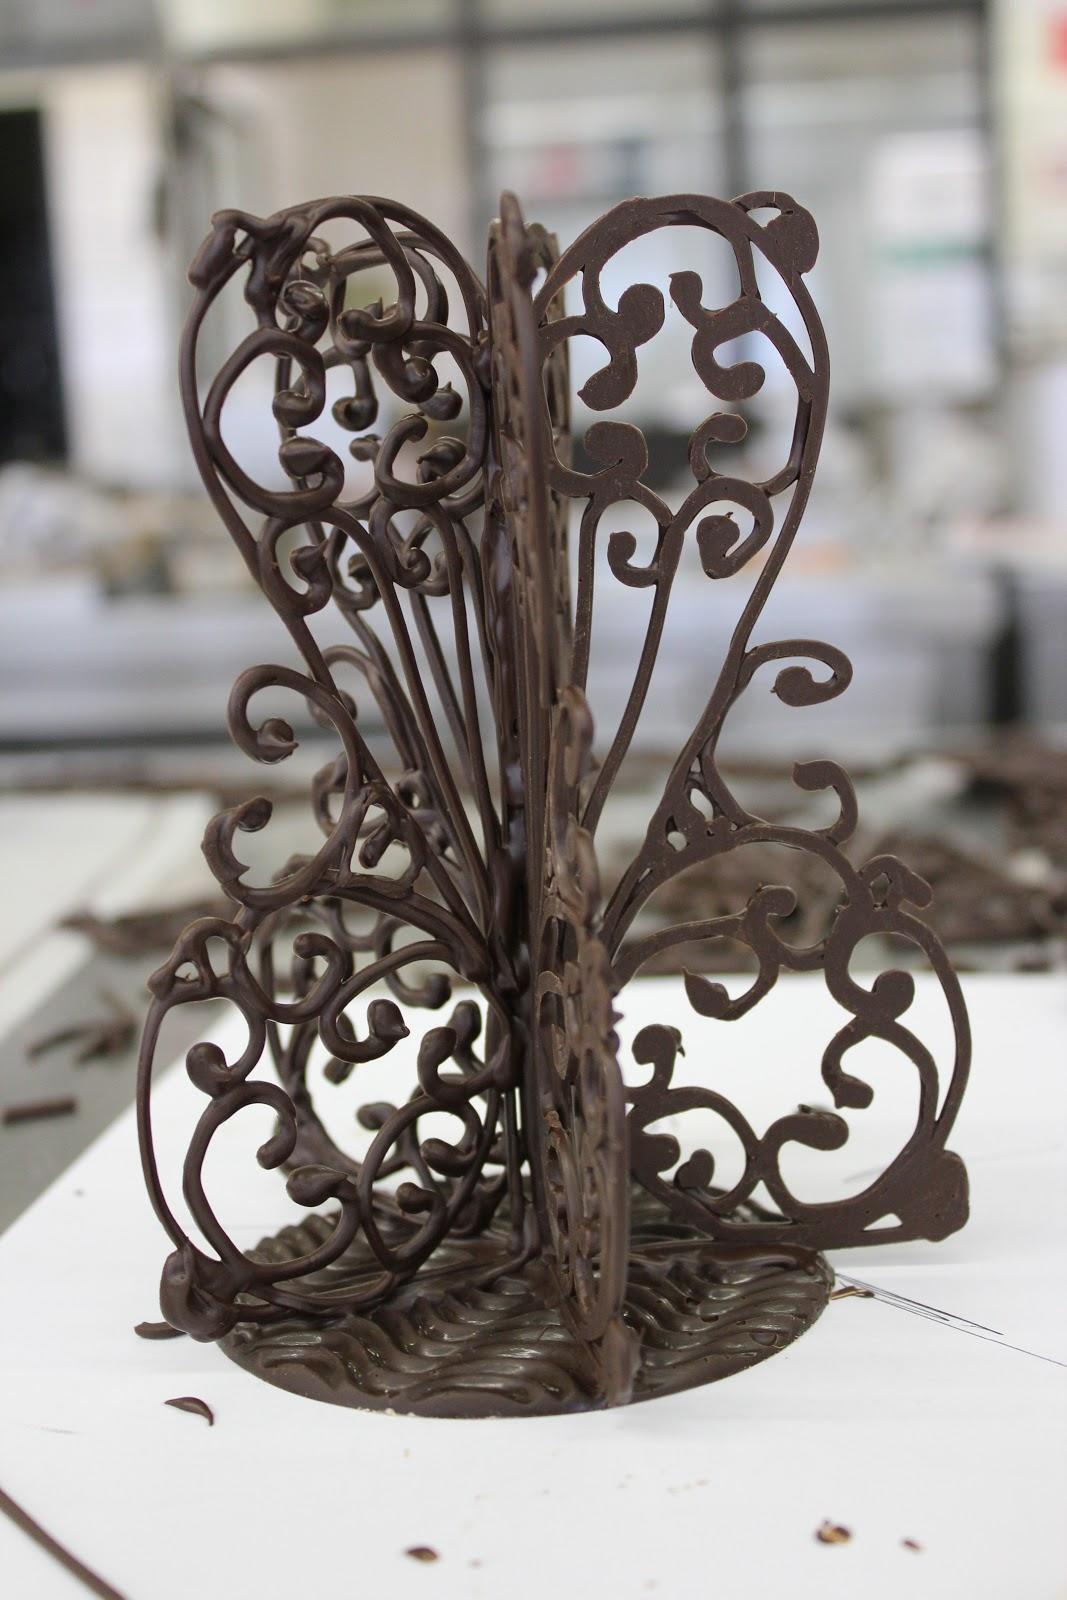 Fleur du poirier pastry workshop 2 chocolate decor for Decoration en chocolat